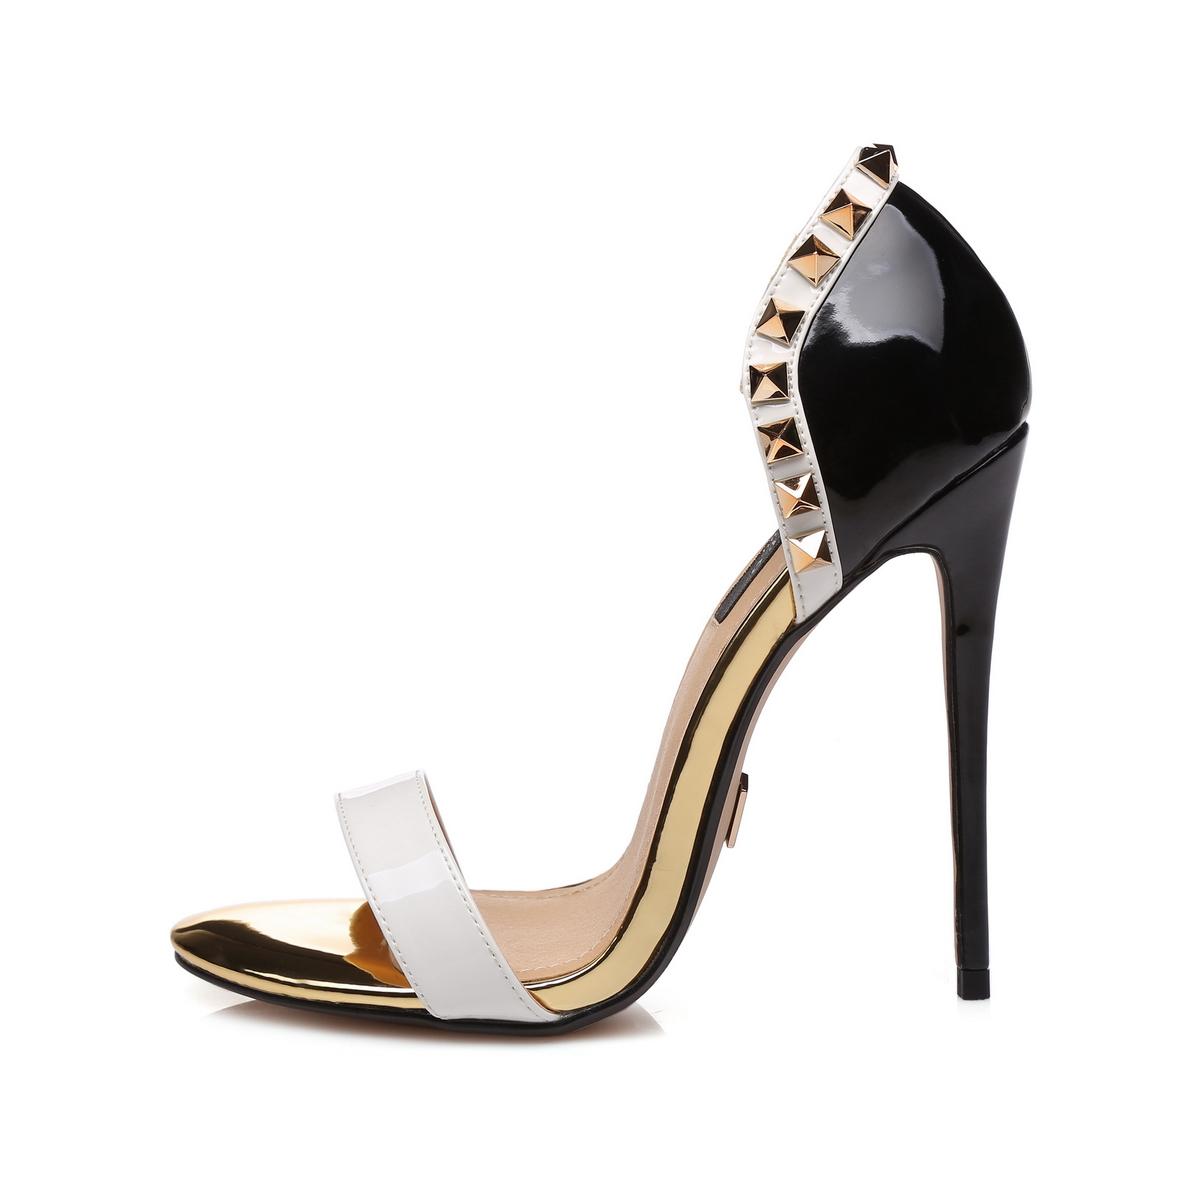 GIARO - Damen High Heel Sandalatten - Schwarz Schuhe in Übergrößen – Bild 2